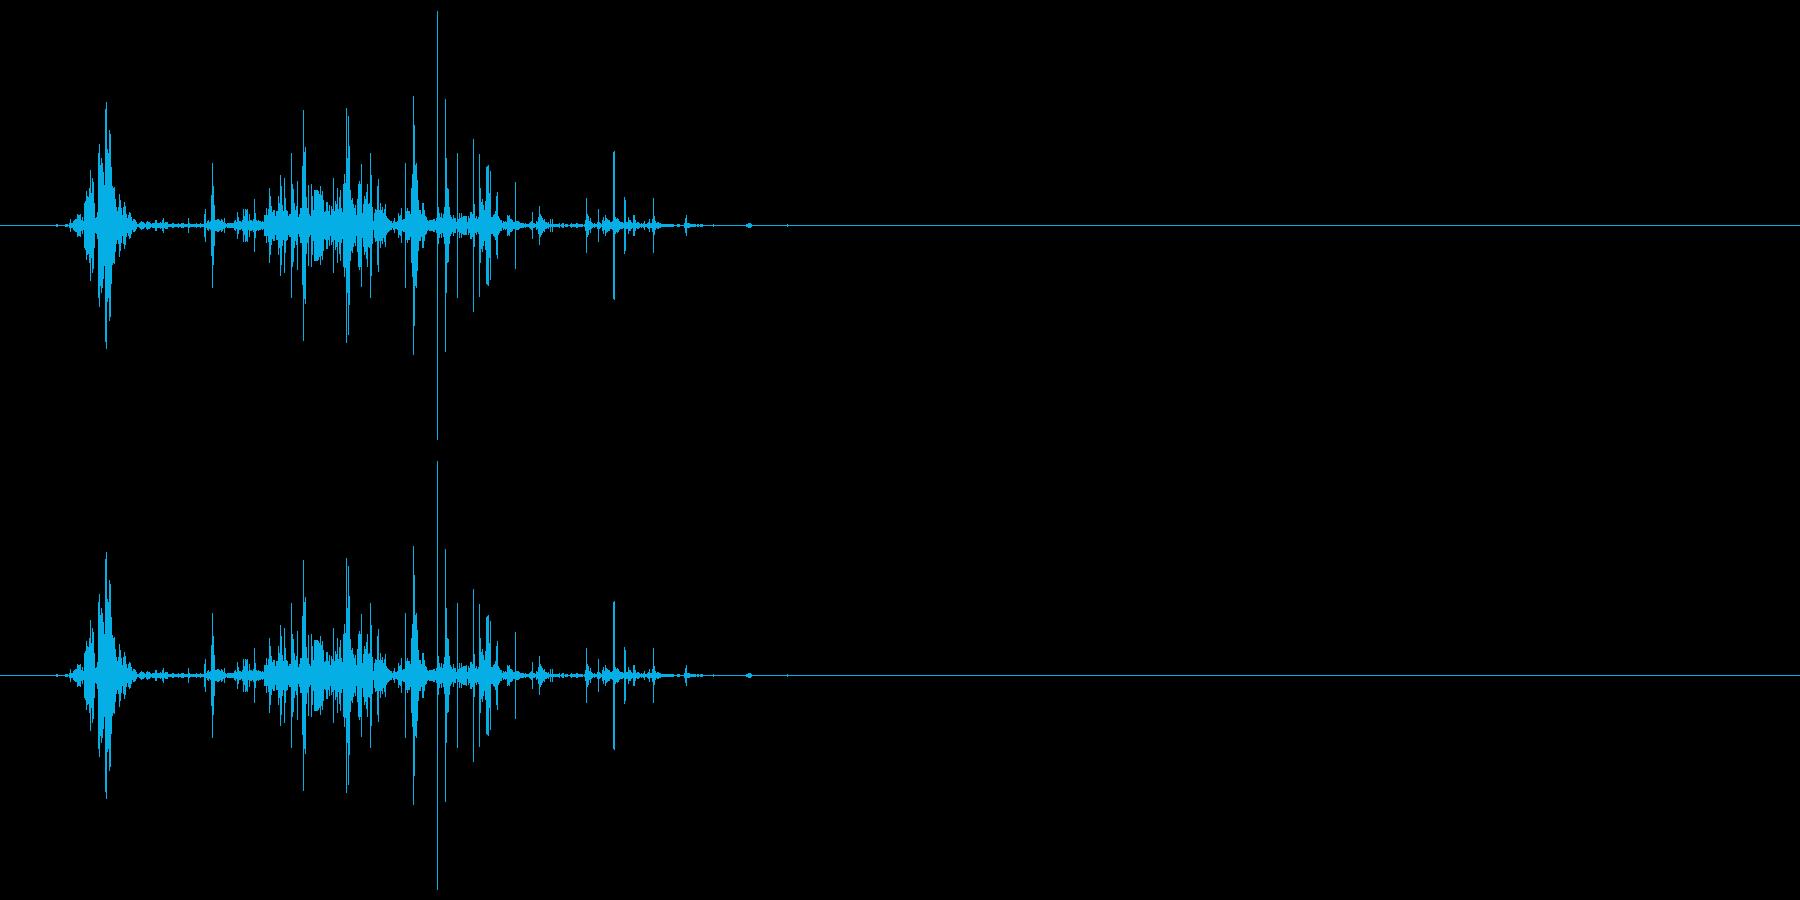 ネバネバしたものを潰す音6の再生済みの波形